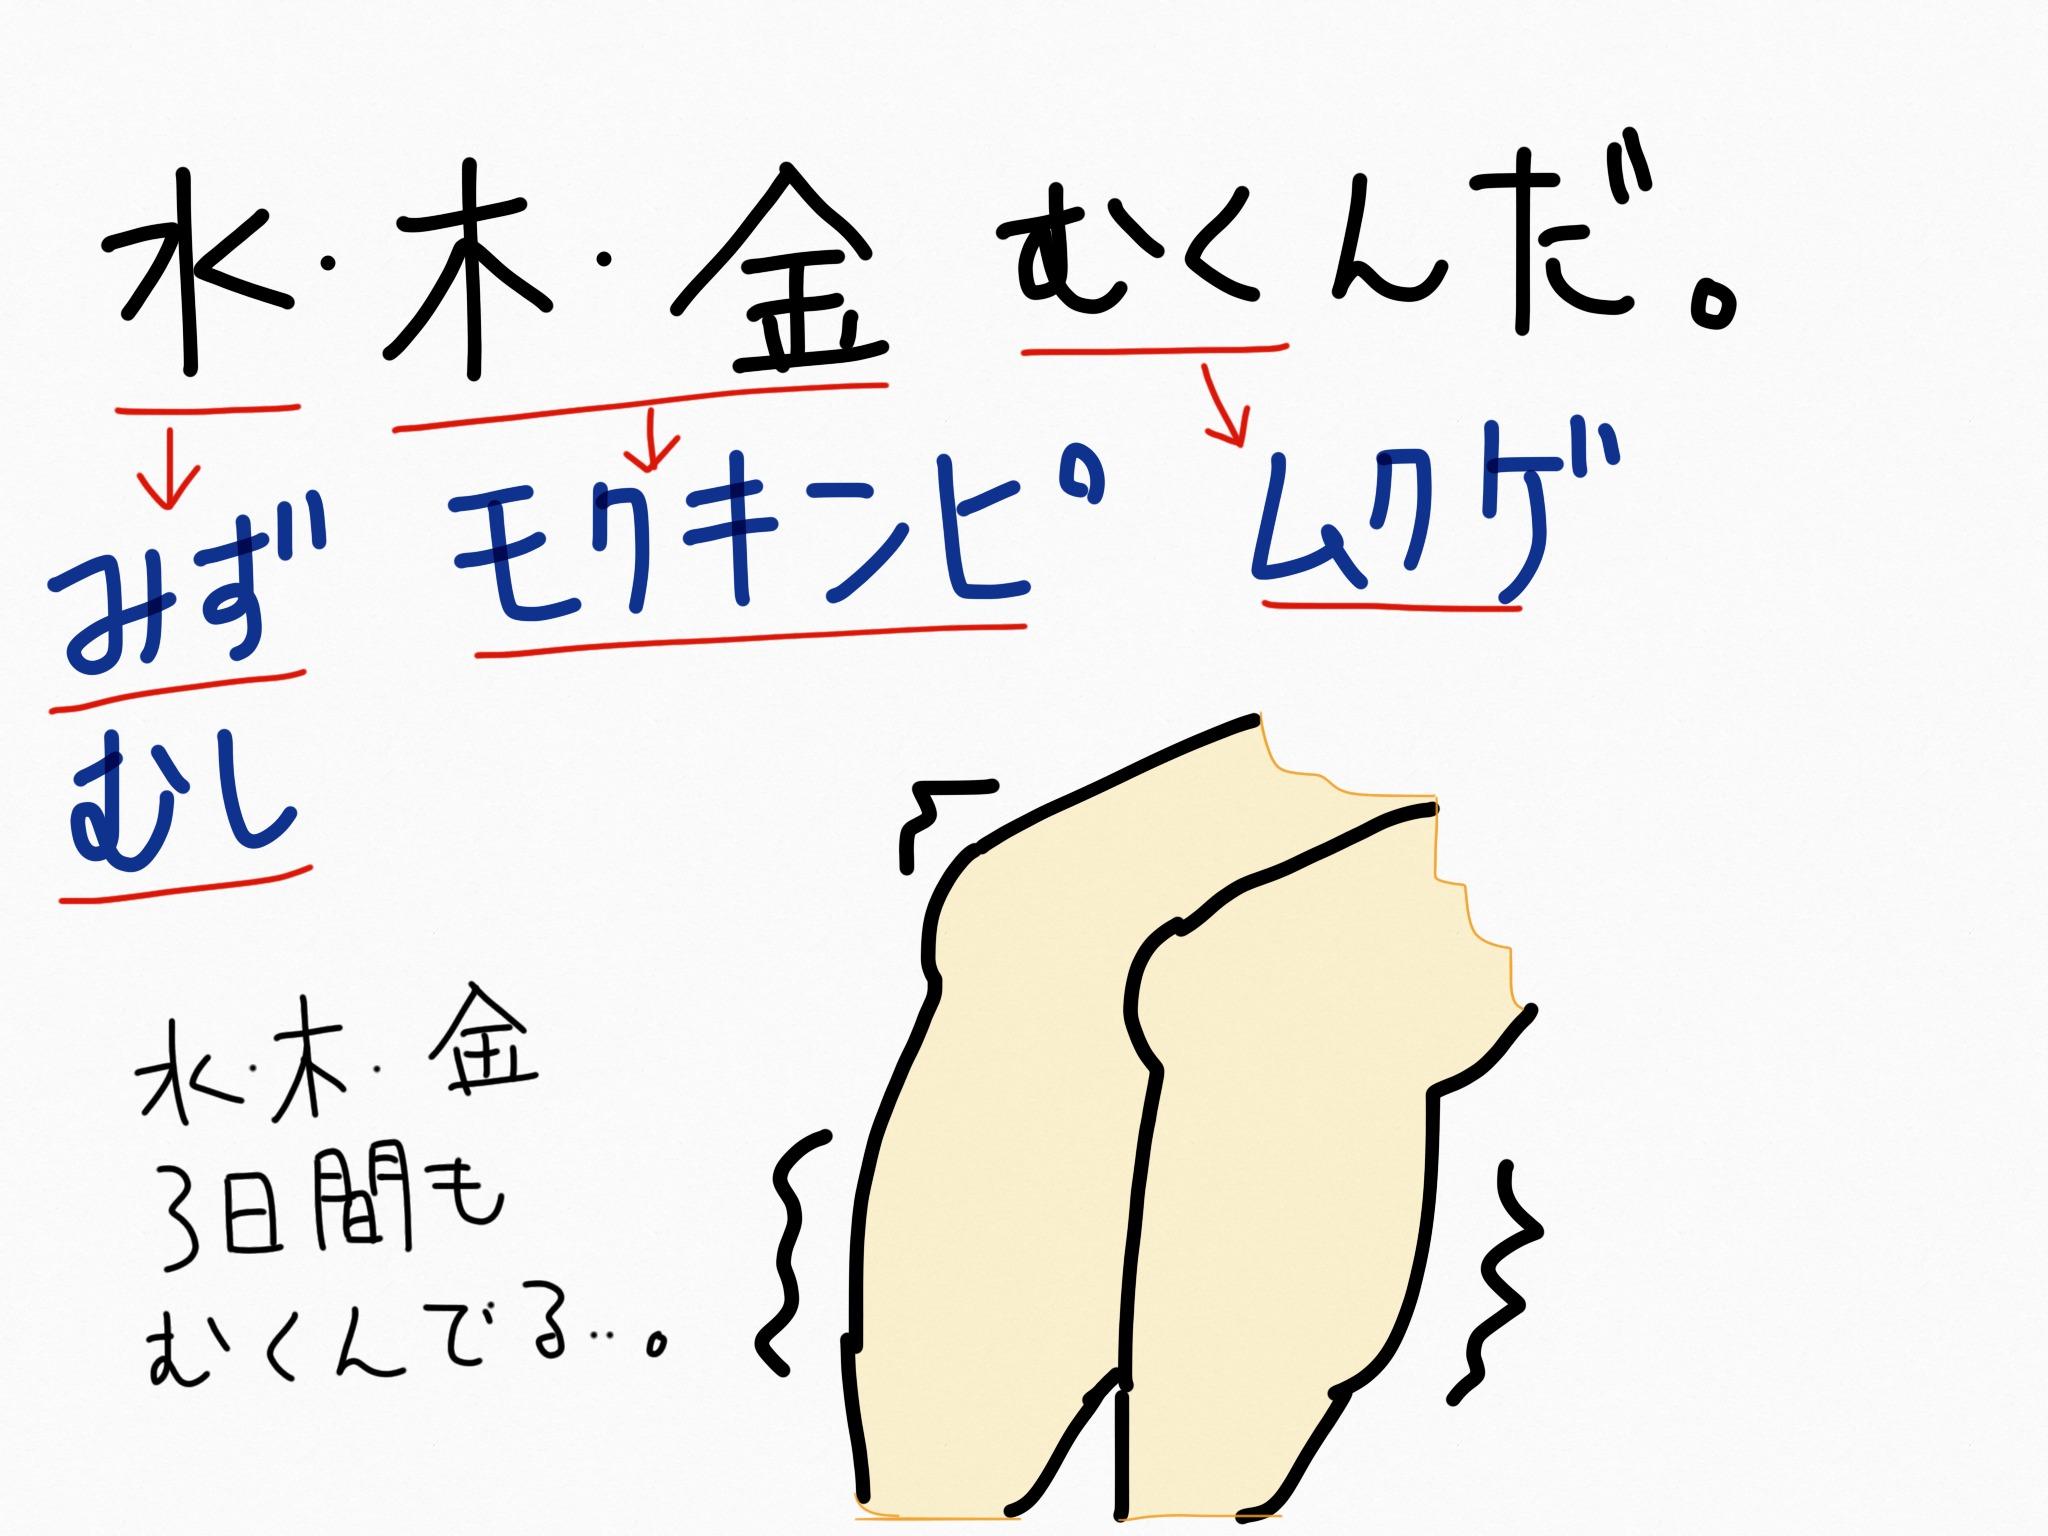 モクキンピ[外皮用薬]生薬の覚え方・暗記方法・語呂合わせ